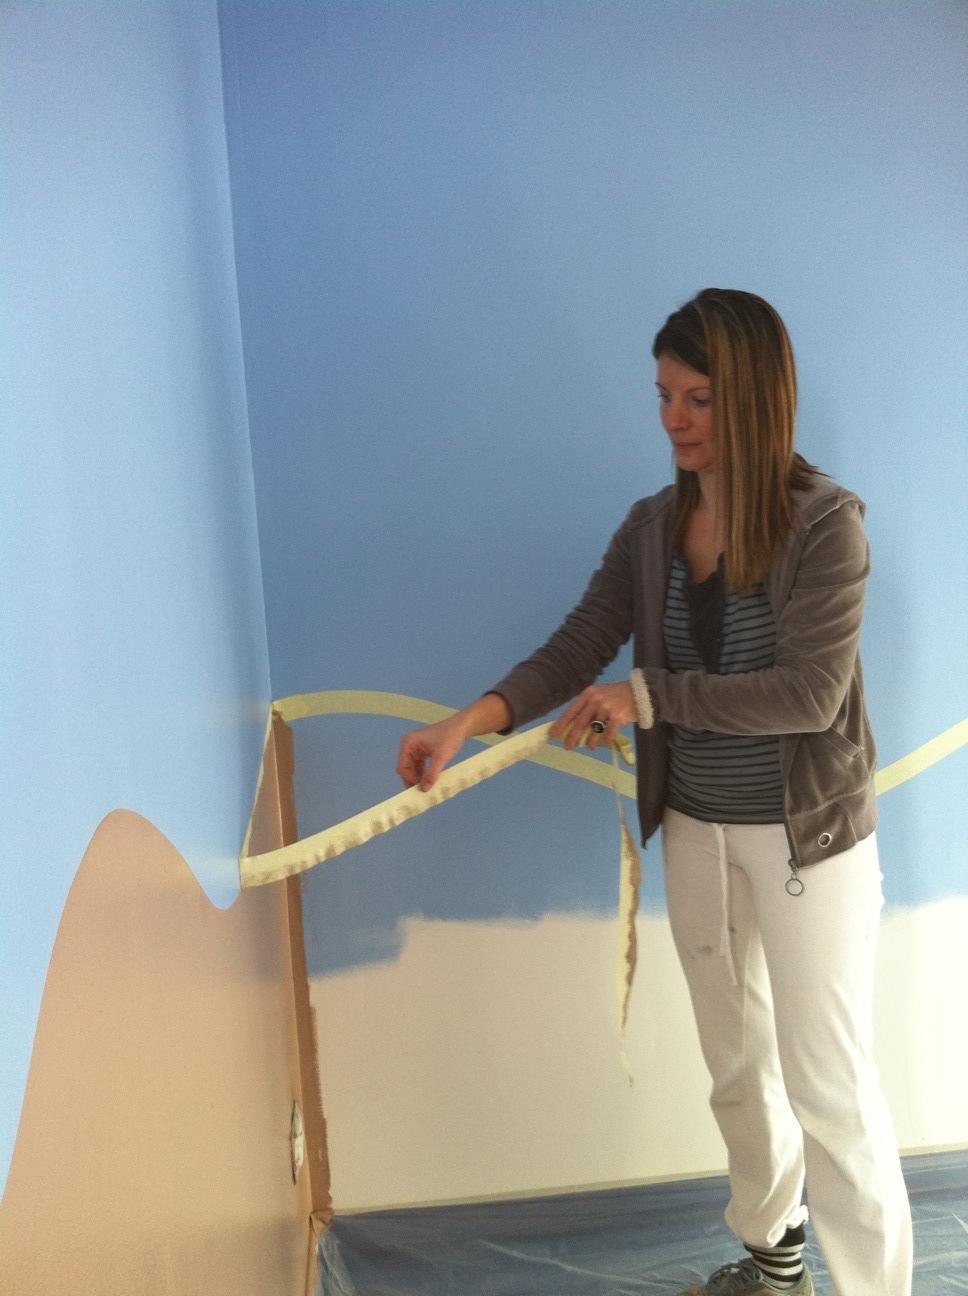 decoration salle de jeux id es et conseils d co decoration salle de jeux peinture murale. Black Bedroom Furniture Sets. Home Design Ideas